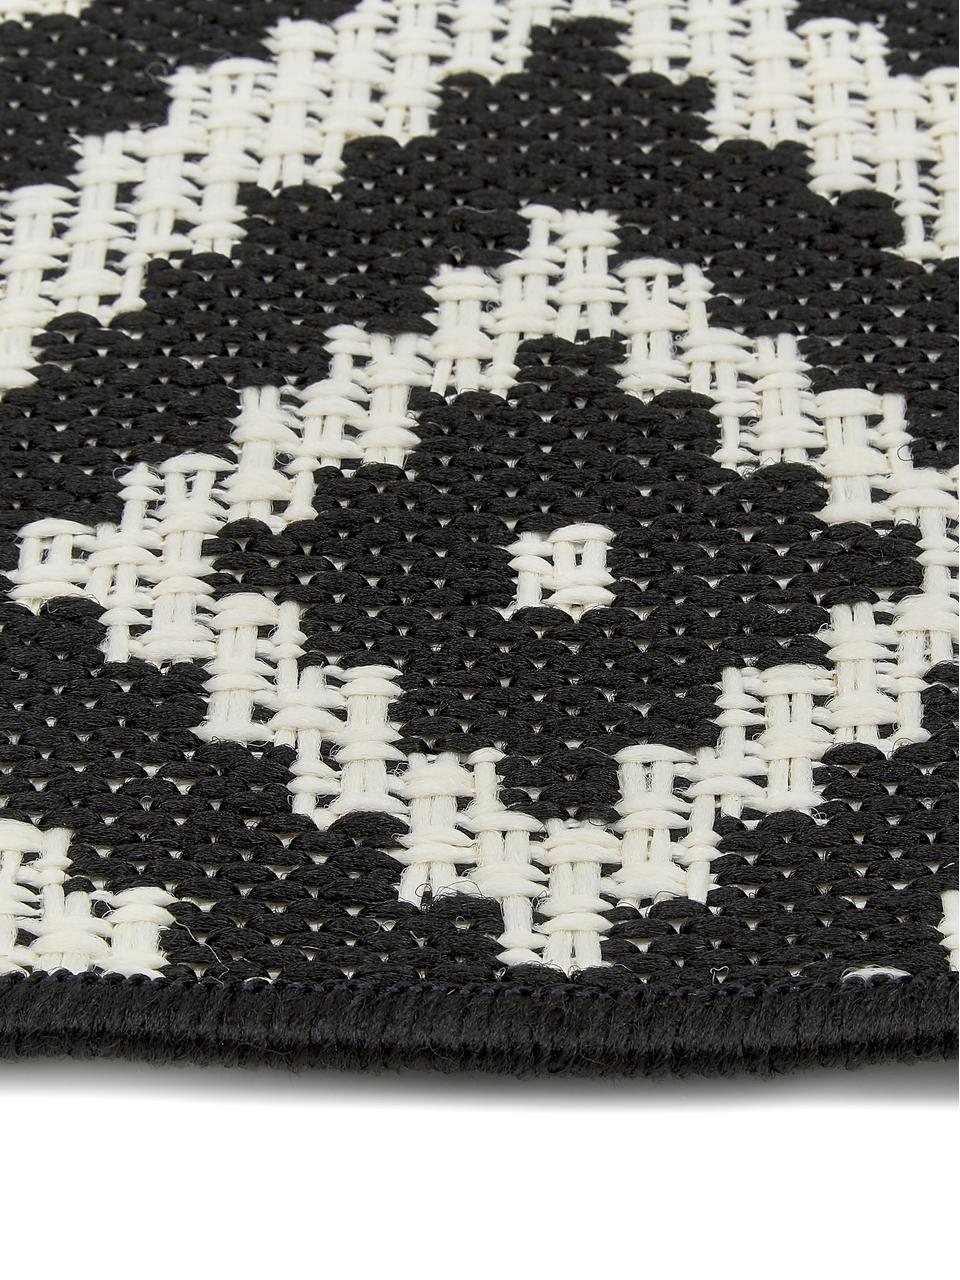 Tapis de couloir outdoor noir Miami, Blanc crème, noir